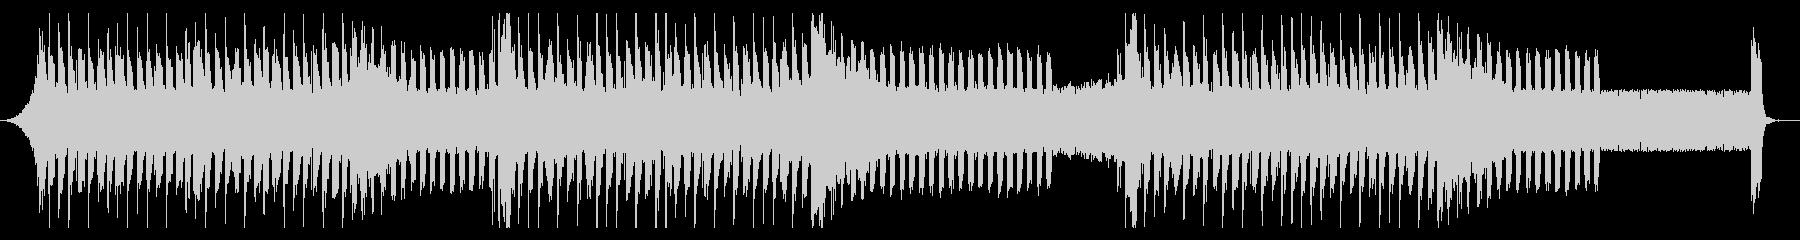 texture6の未再生の波形